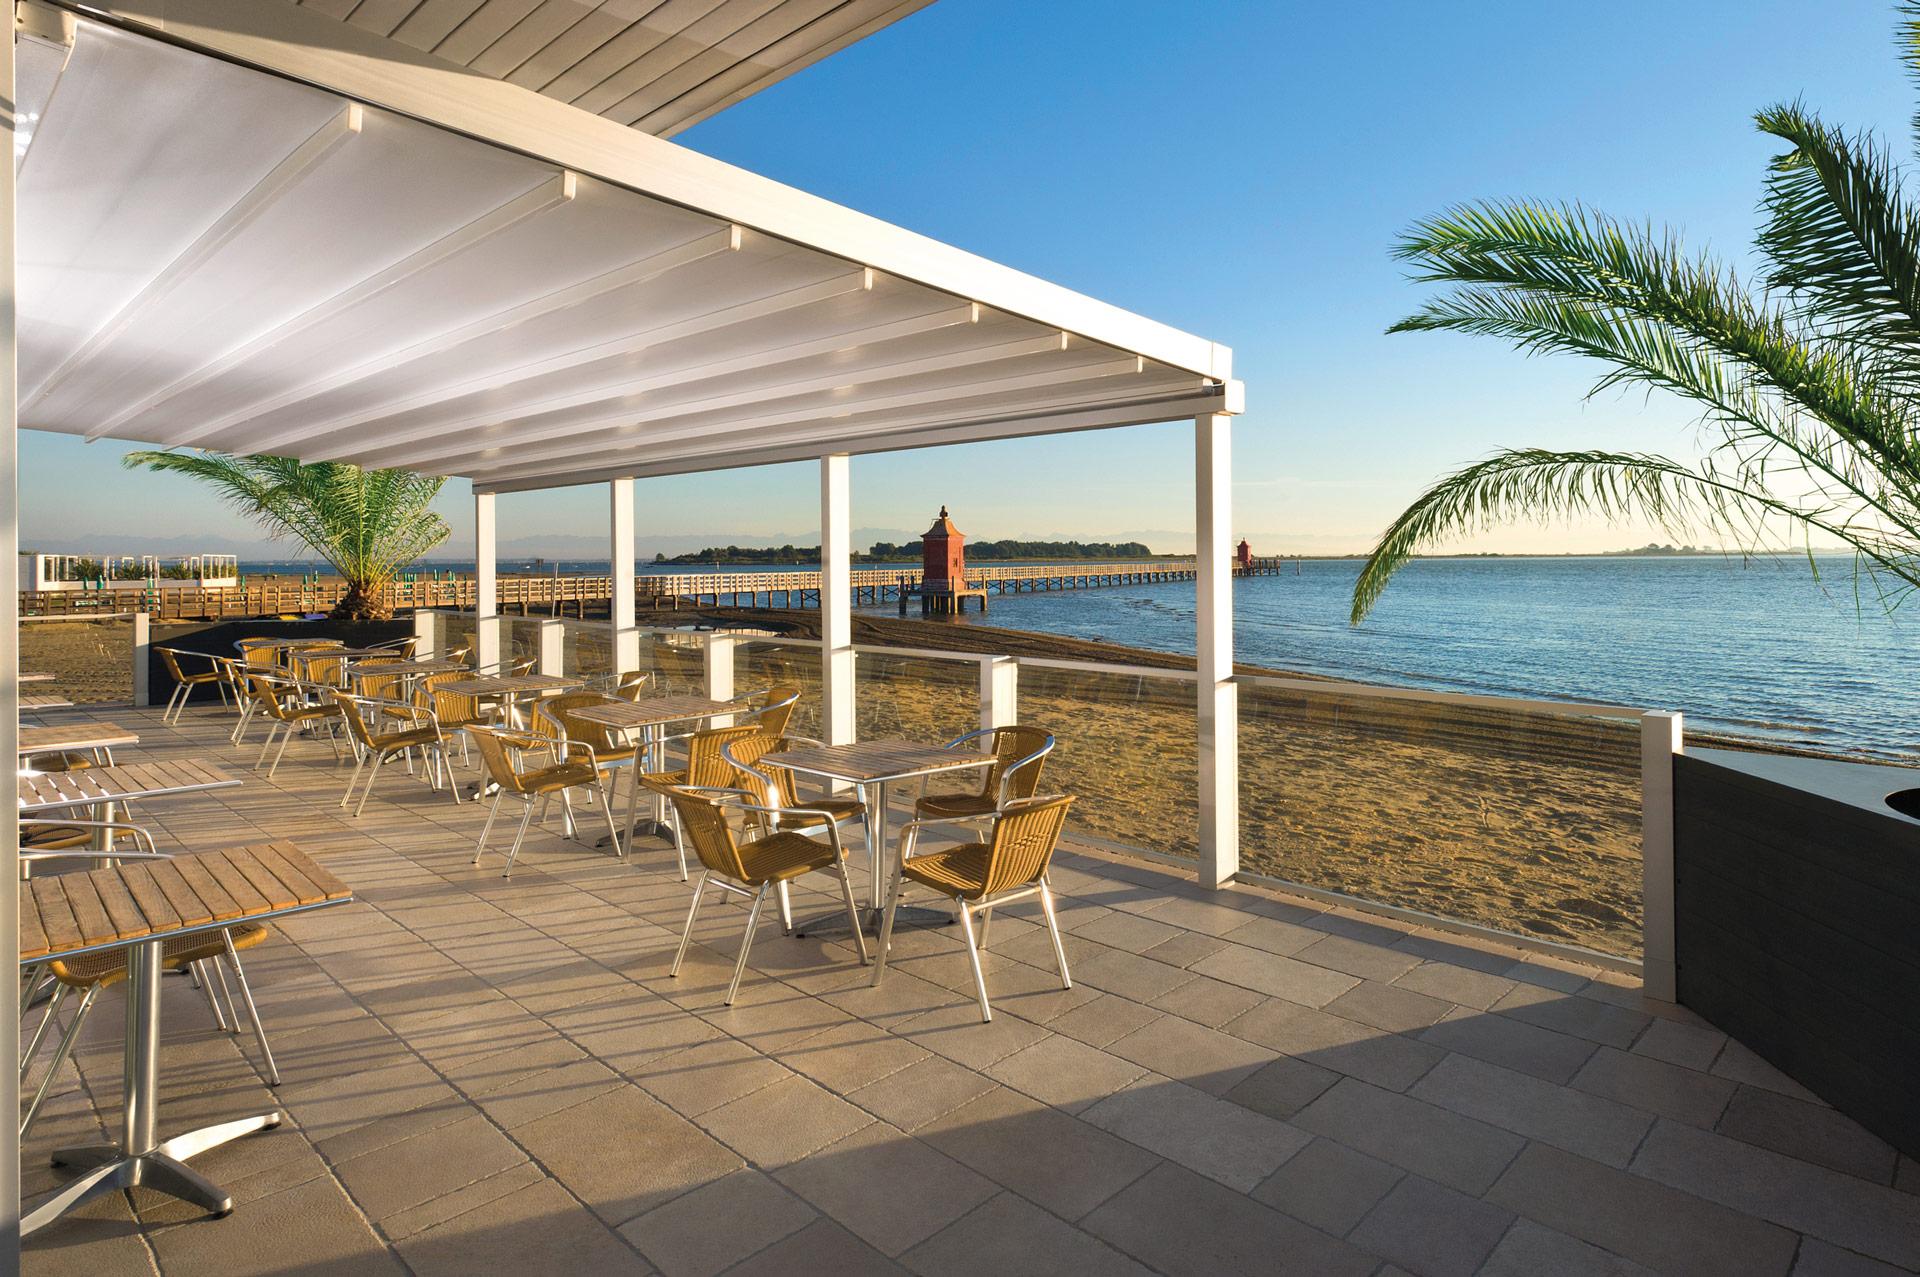 Level 01 a | geschlossene Schiebemarkise, weißes PVC-Tuch, Gastro-Terrasse am Meer | Svoboda